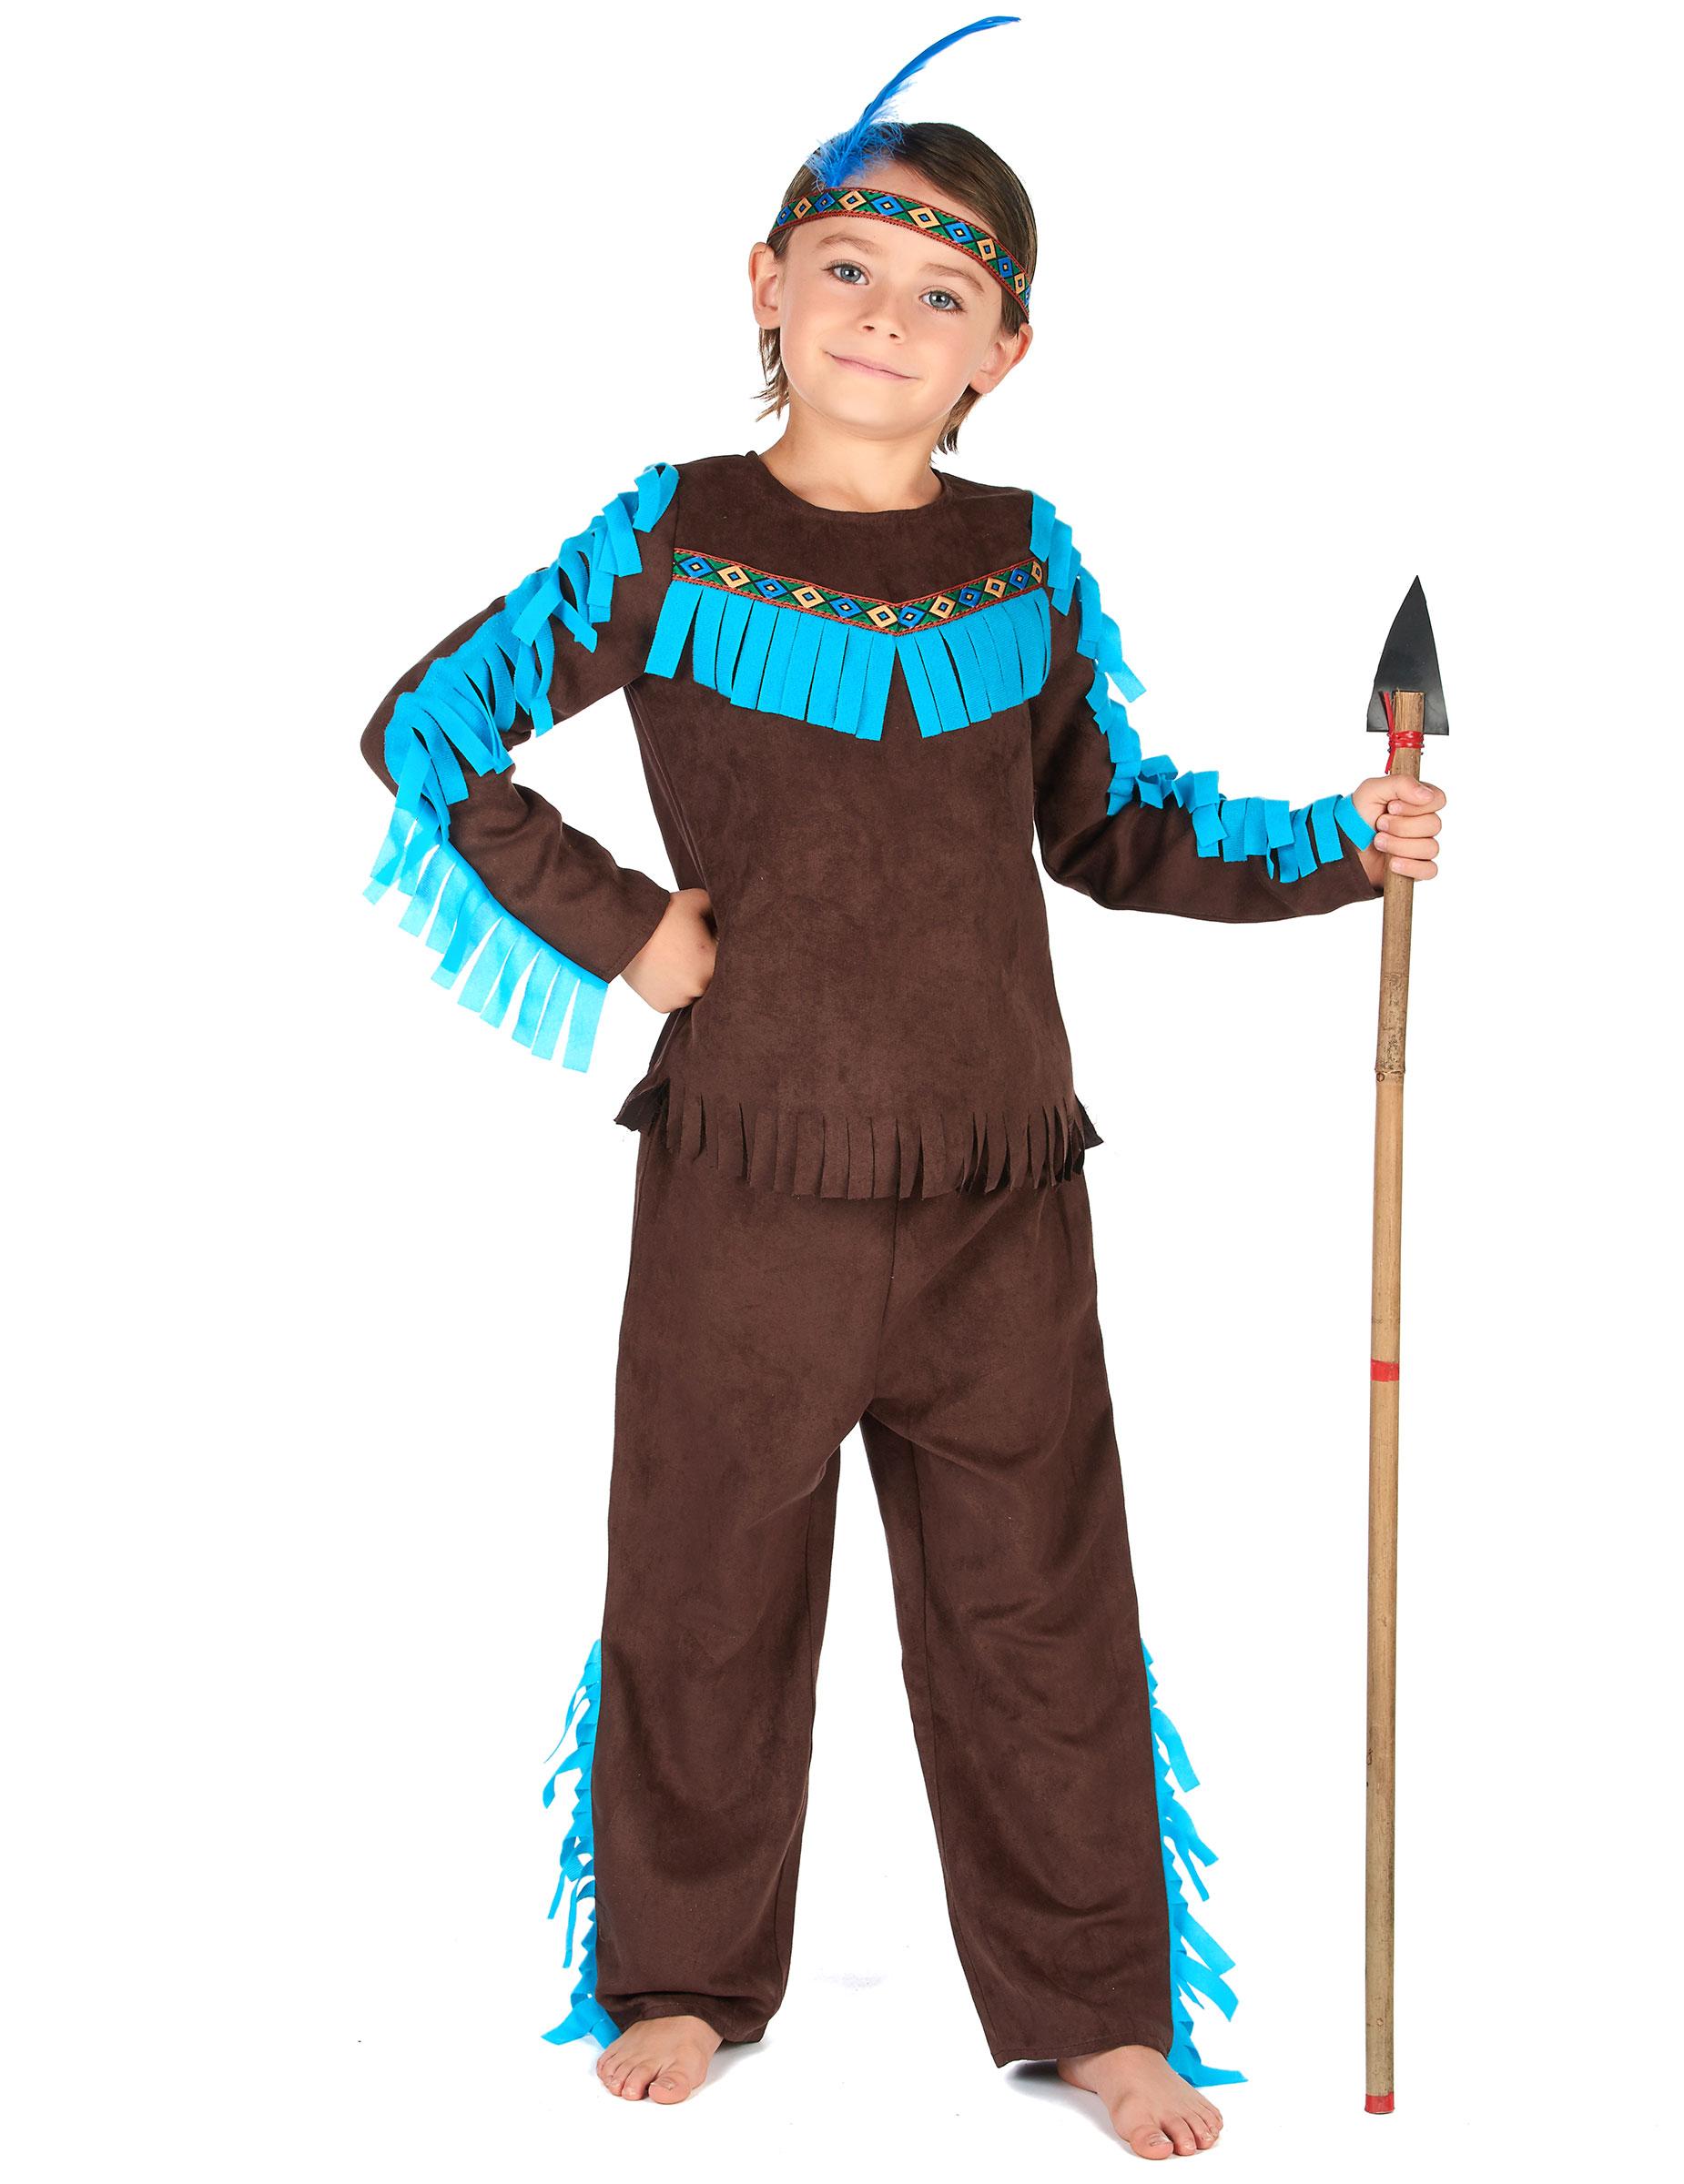 d guisement indien marron gar on deguise toi achat de d guisements enfants. Black Bedroom Furniture Sets. Home Design Ideas